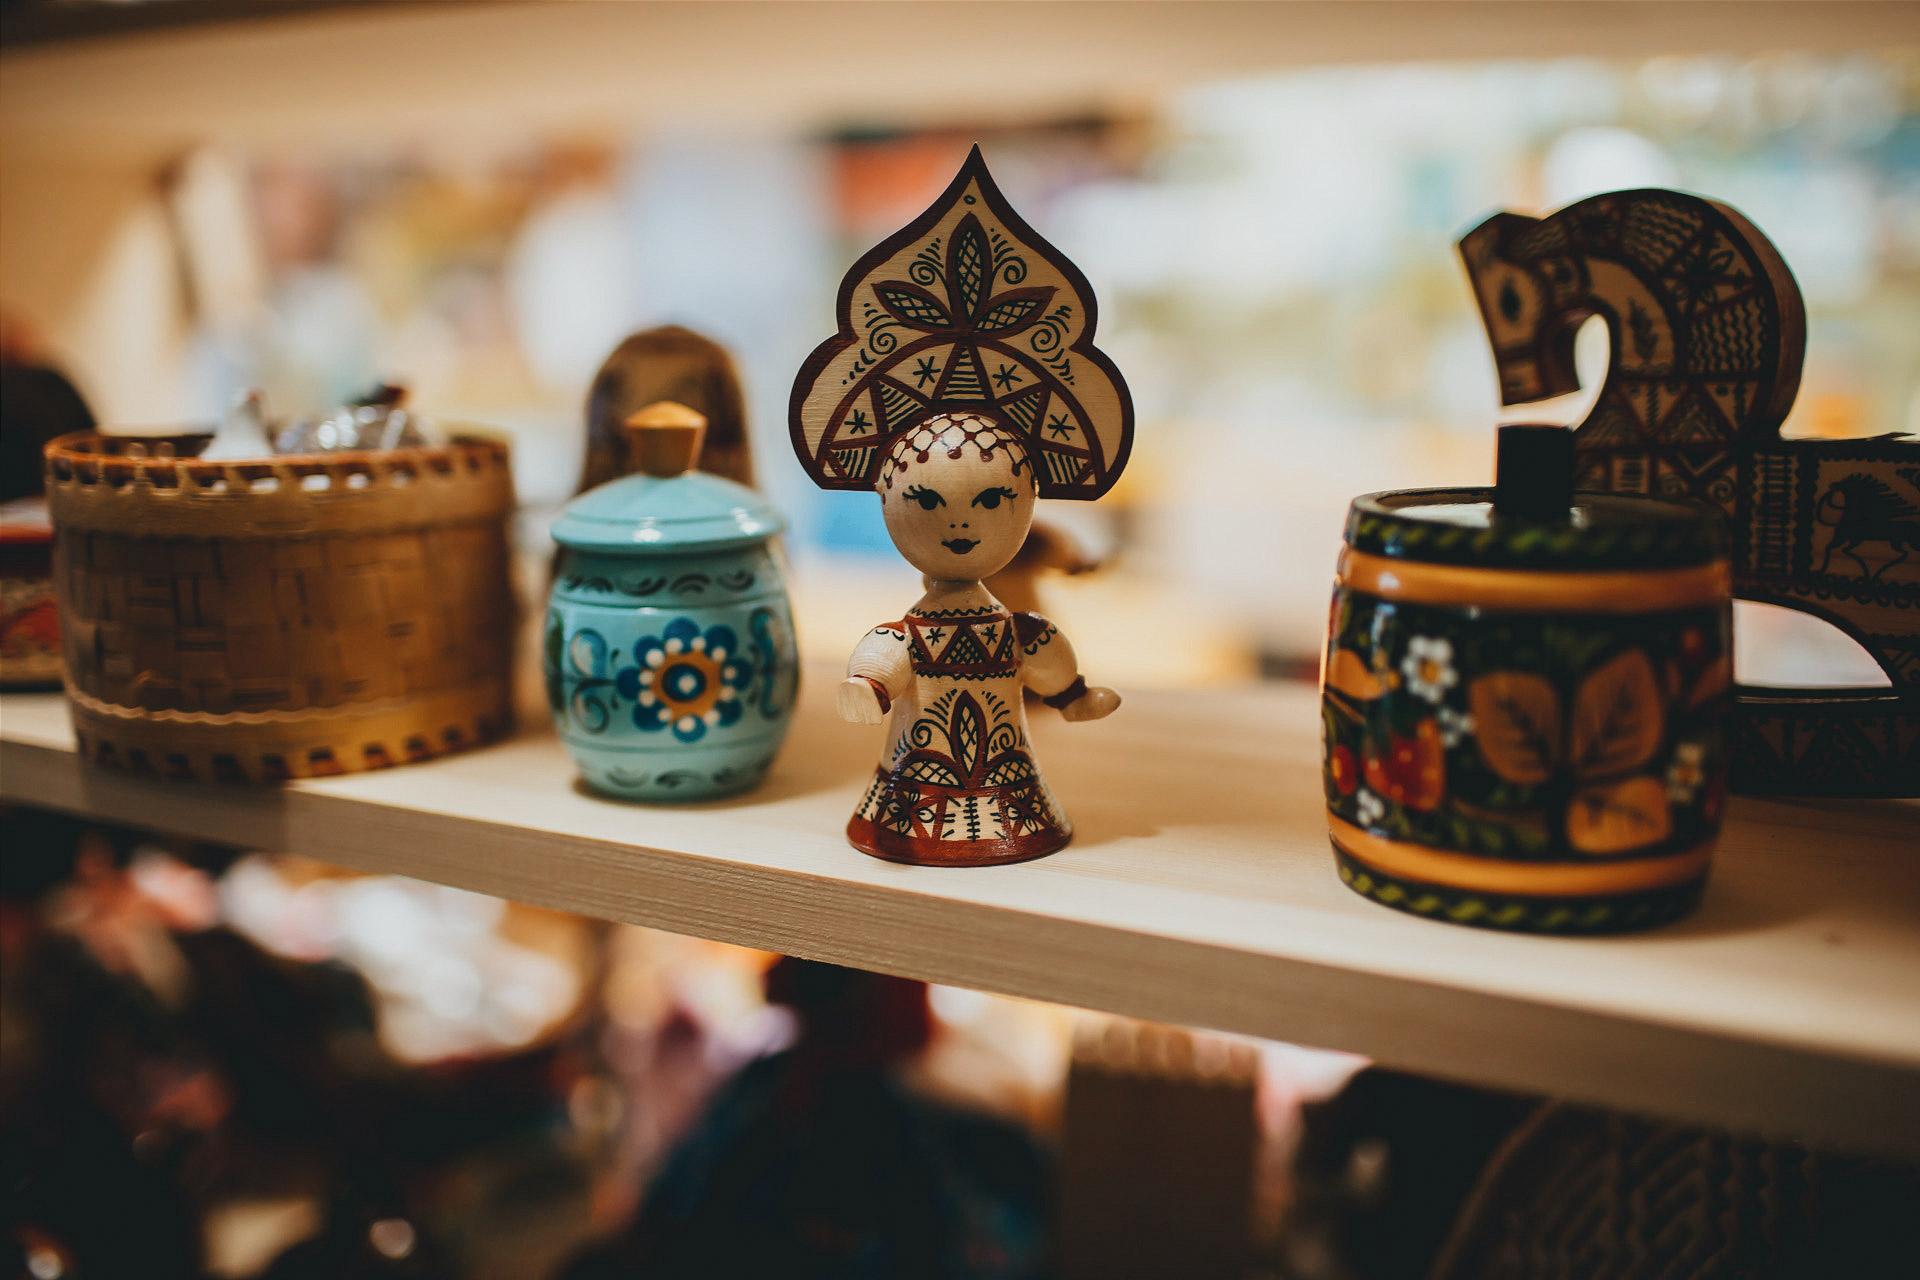 В магазине сувениров